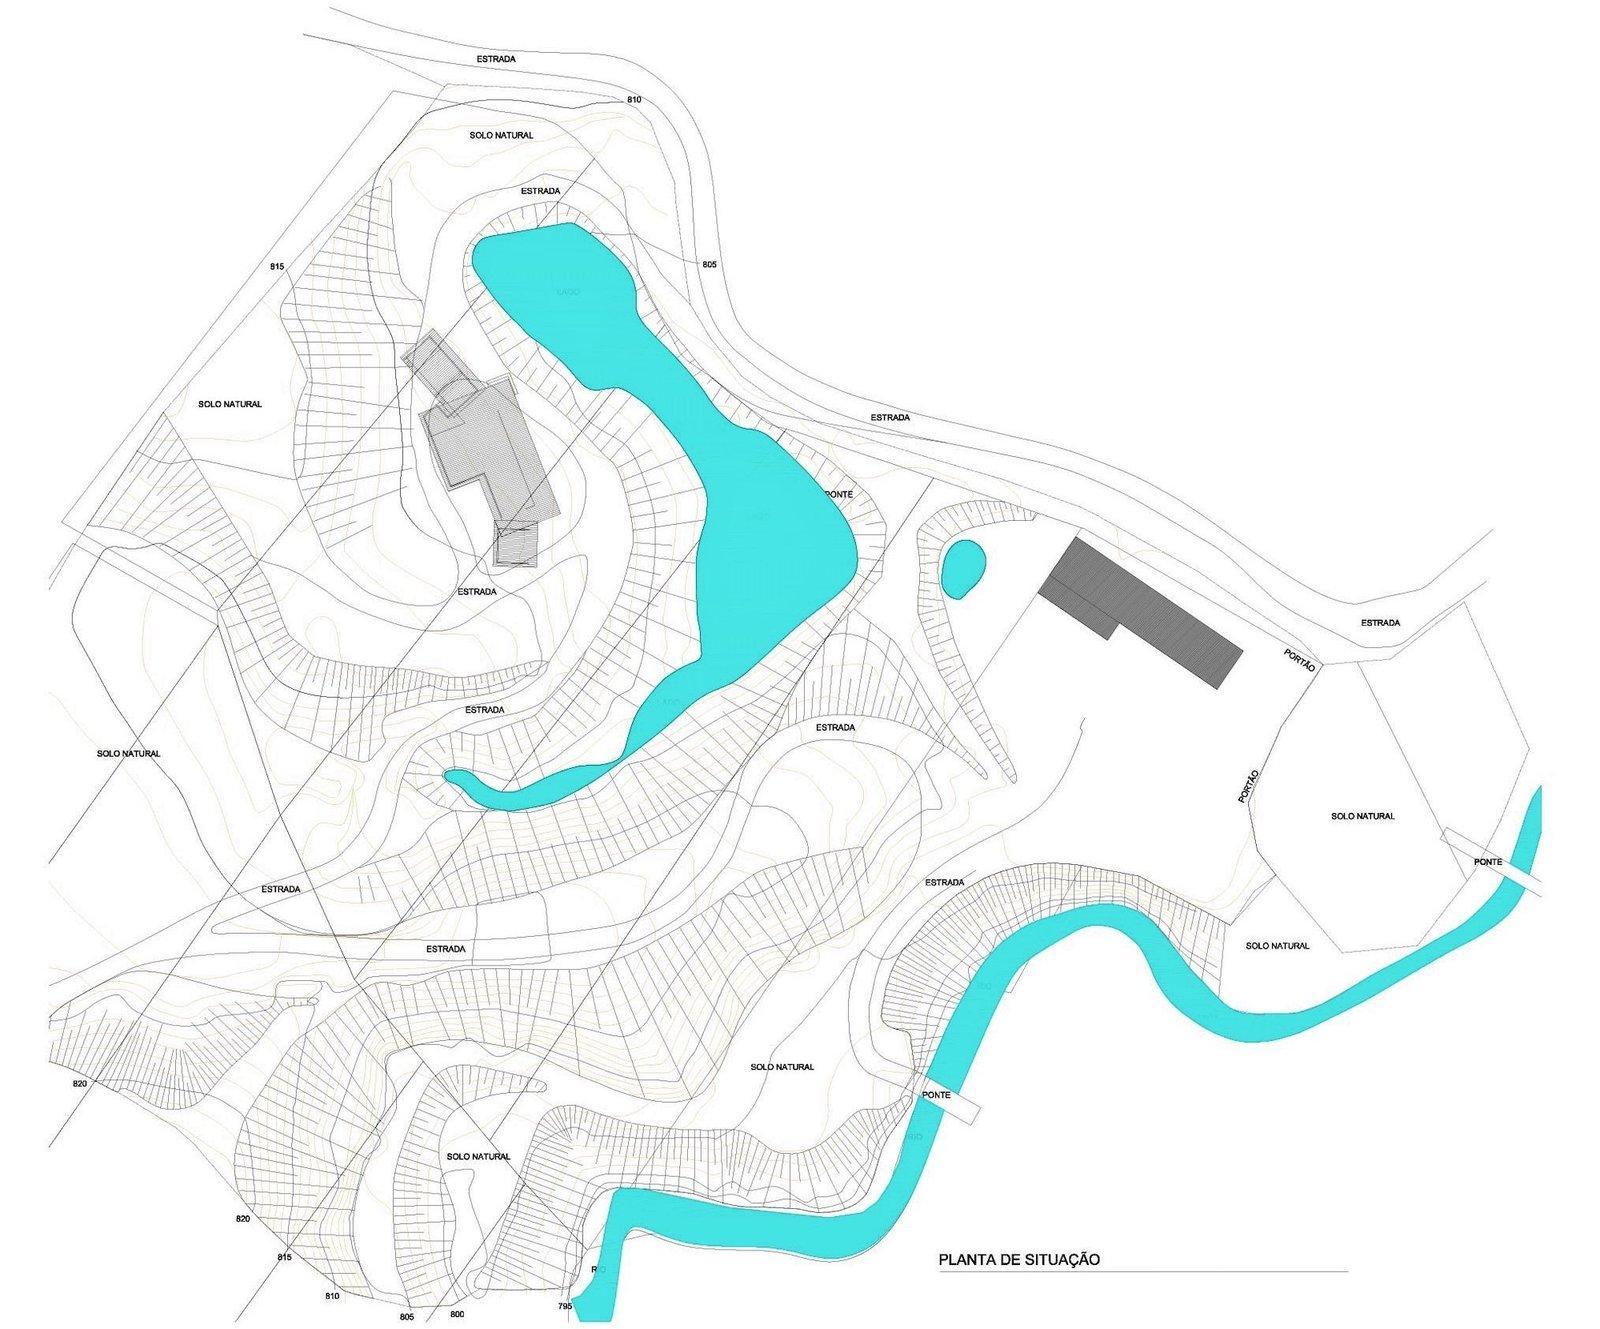 Site plan of Val das Videiras by Rodrigo Simão Arquitetura